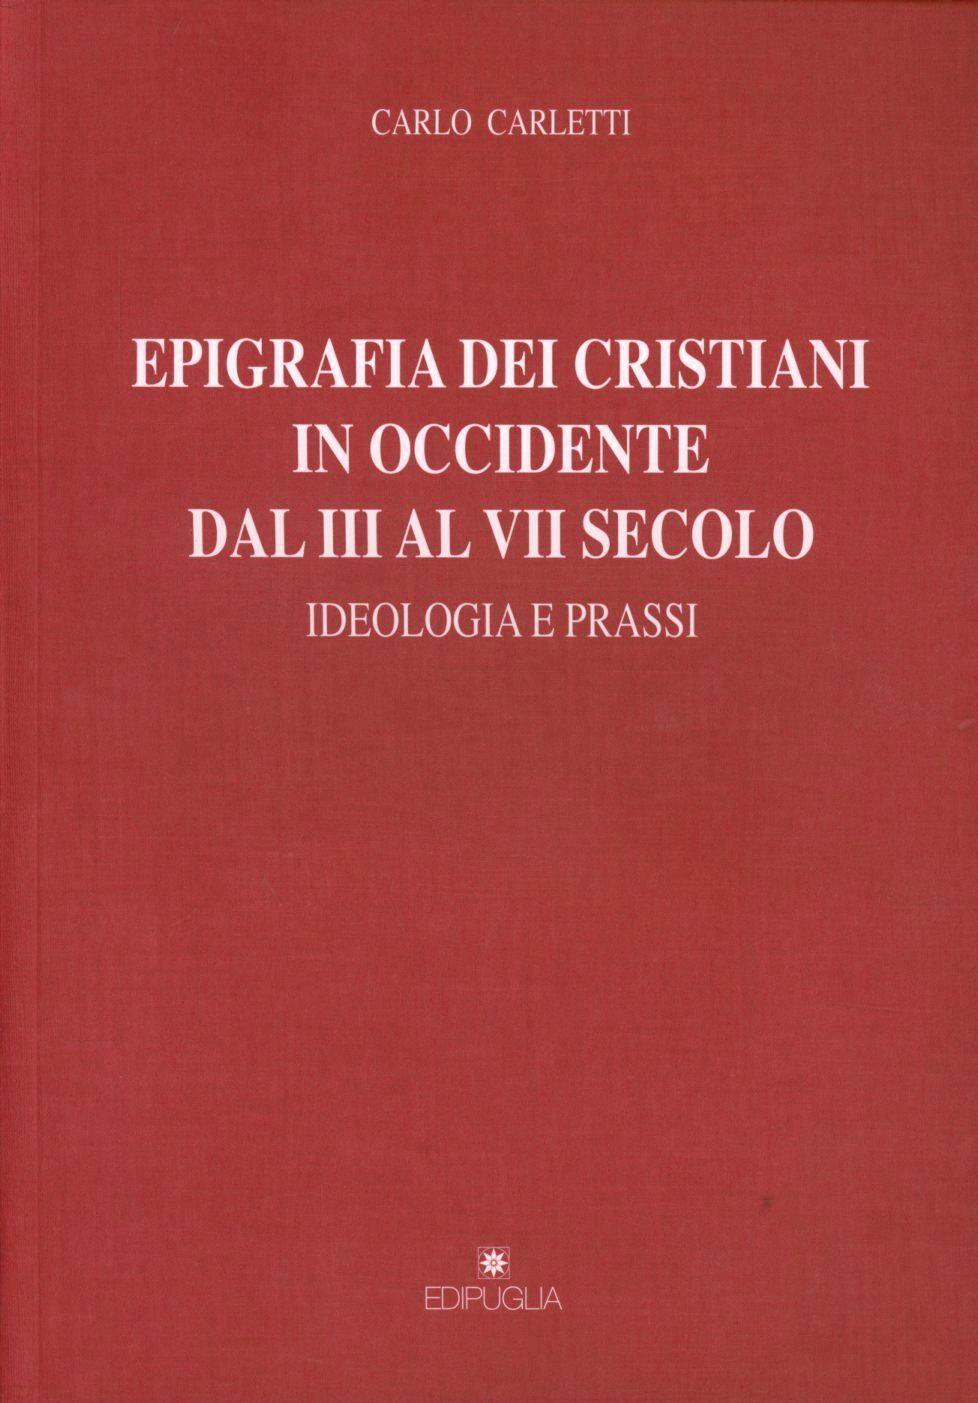 Epigrafia dei cristiani in Occidente dal III al VII secolo. Ideologia e prassi